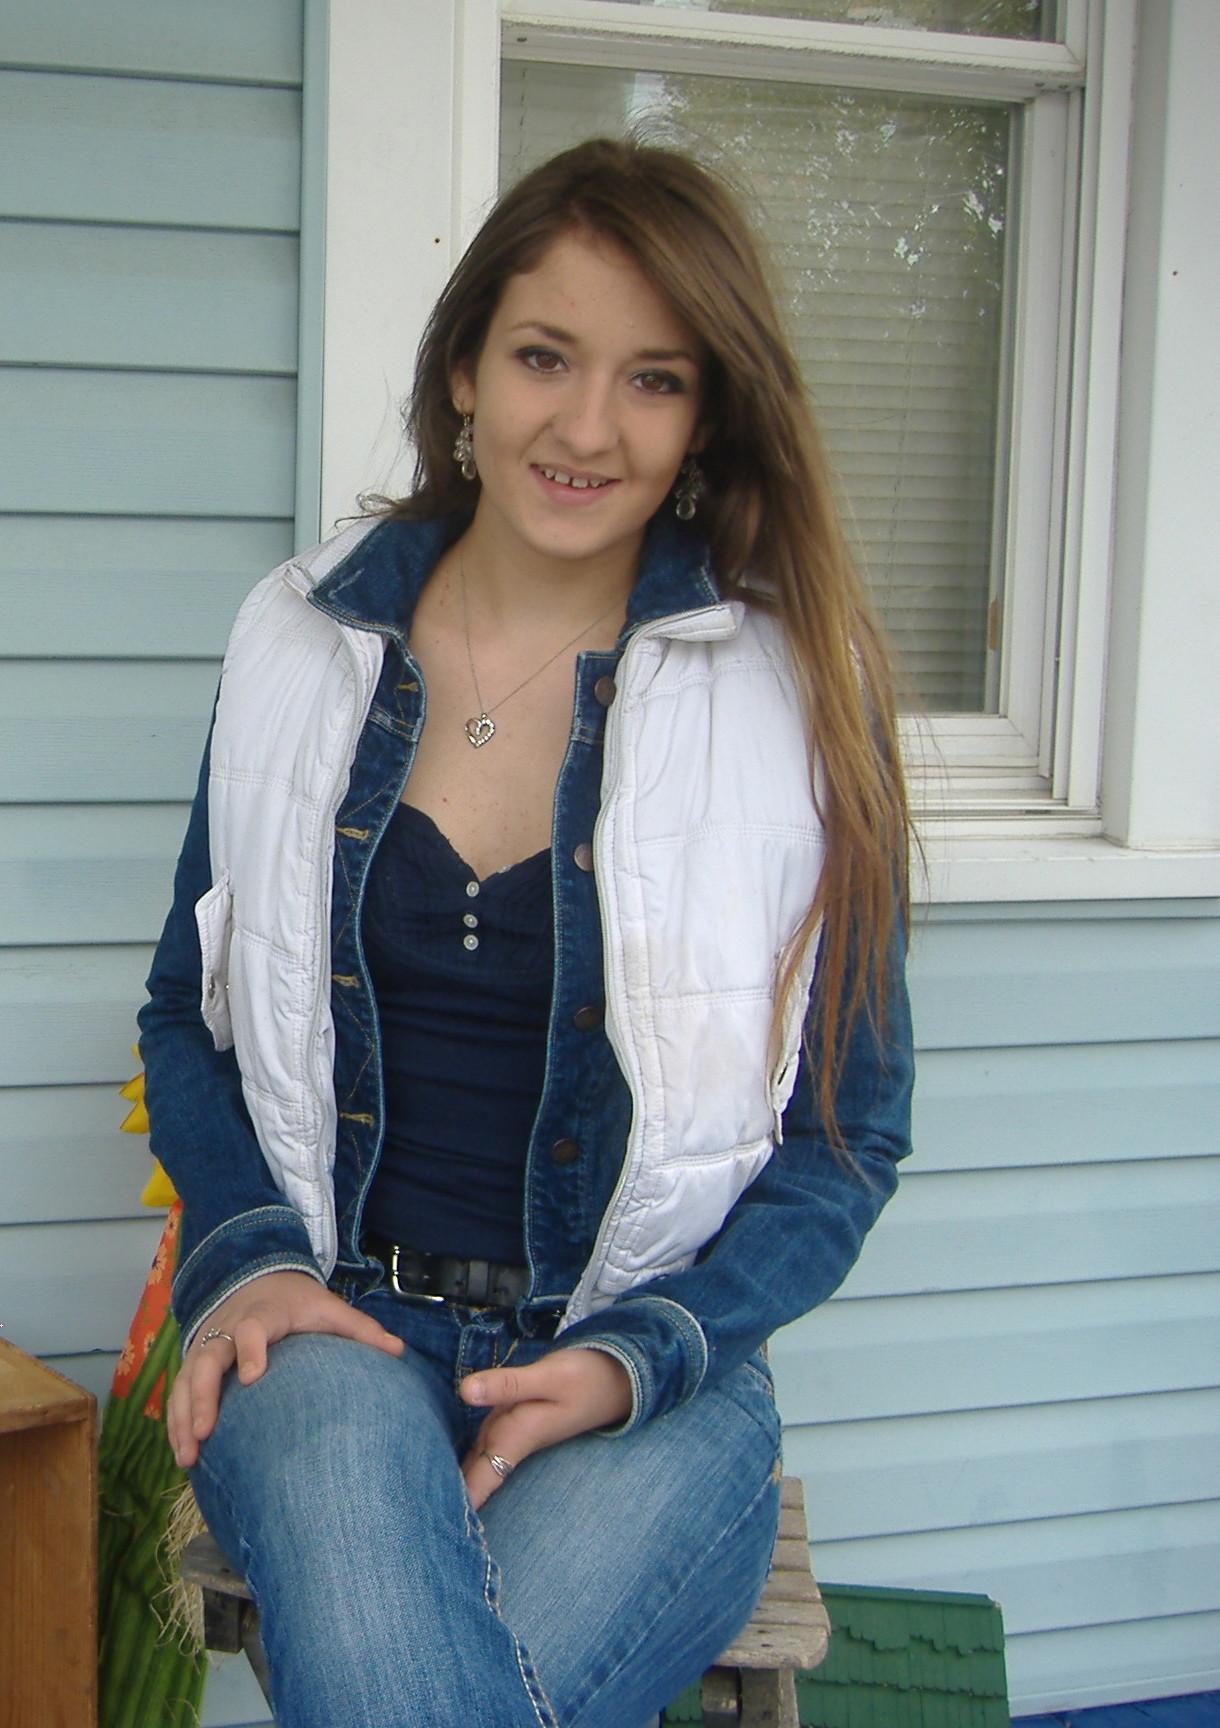 19-летняя девушка из Пенсильвании с 50-летним любовником